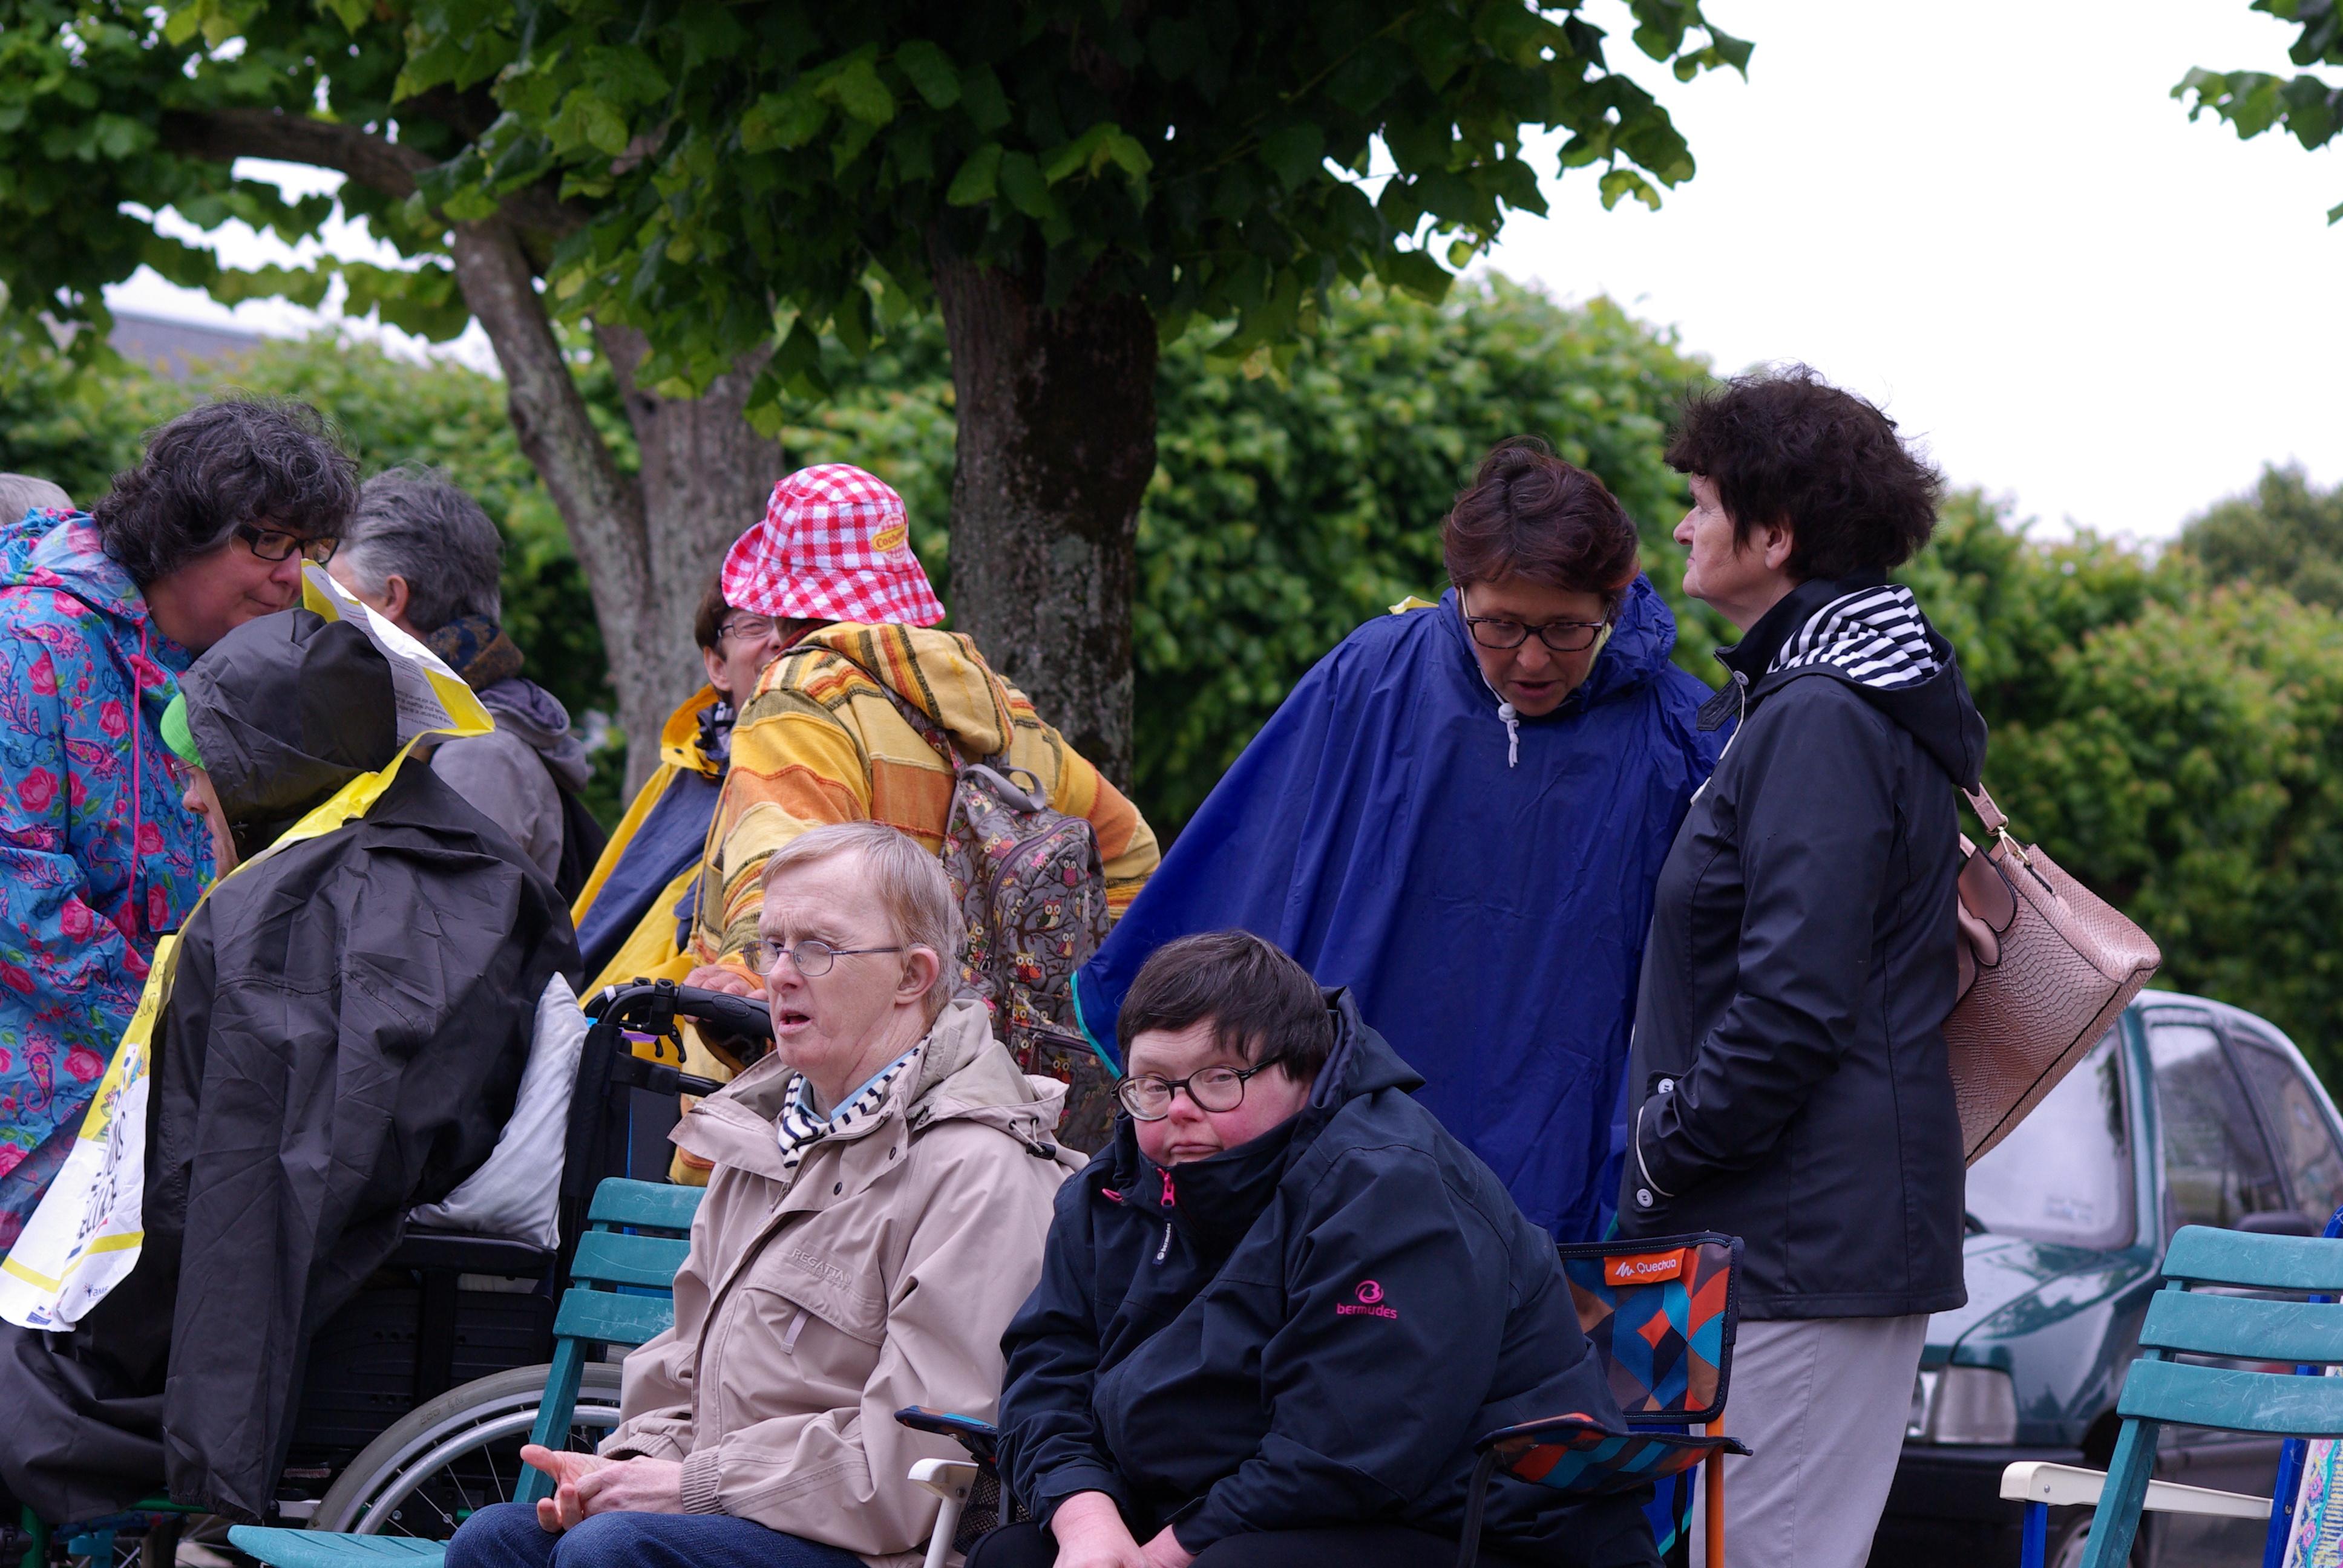 70e anniversaire du Secours Catholique Les catholiques du Calvados # Secours Catholique Rosny Sous Bois